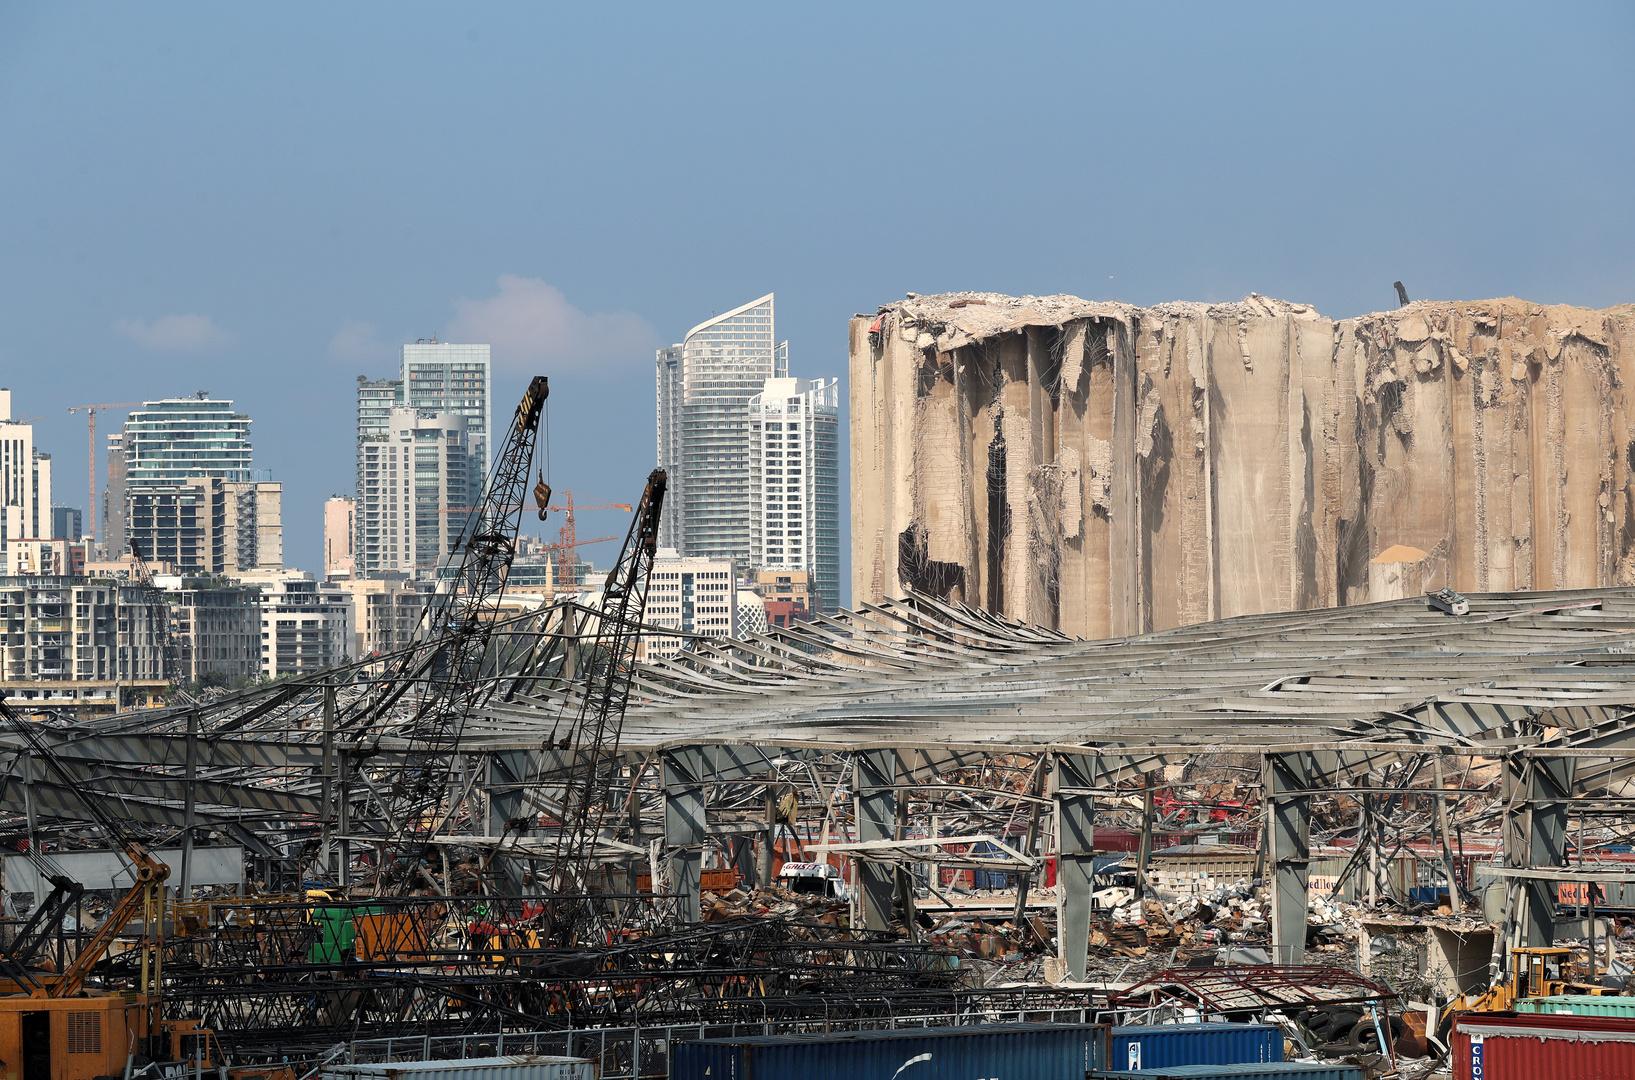 مرفأ بيروت المدمر في لبنان إثر انفجار